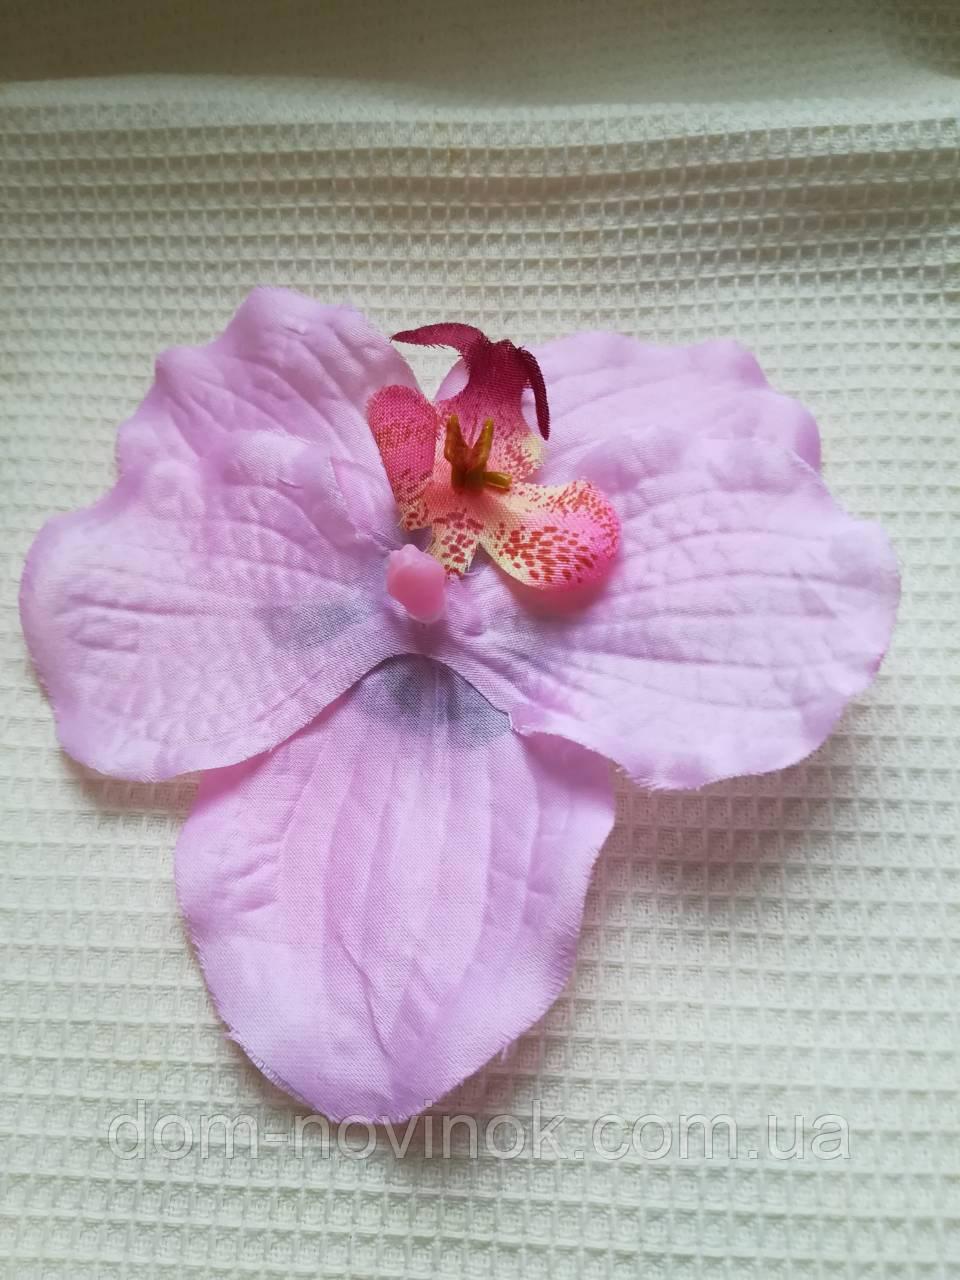 Заколка Гавайская орхидея розовая 12 см.